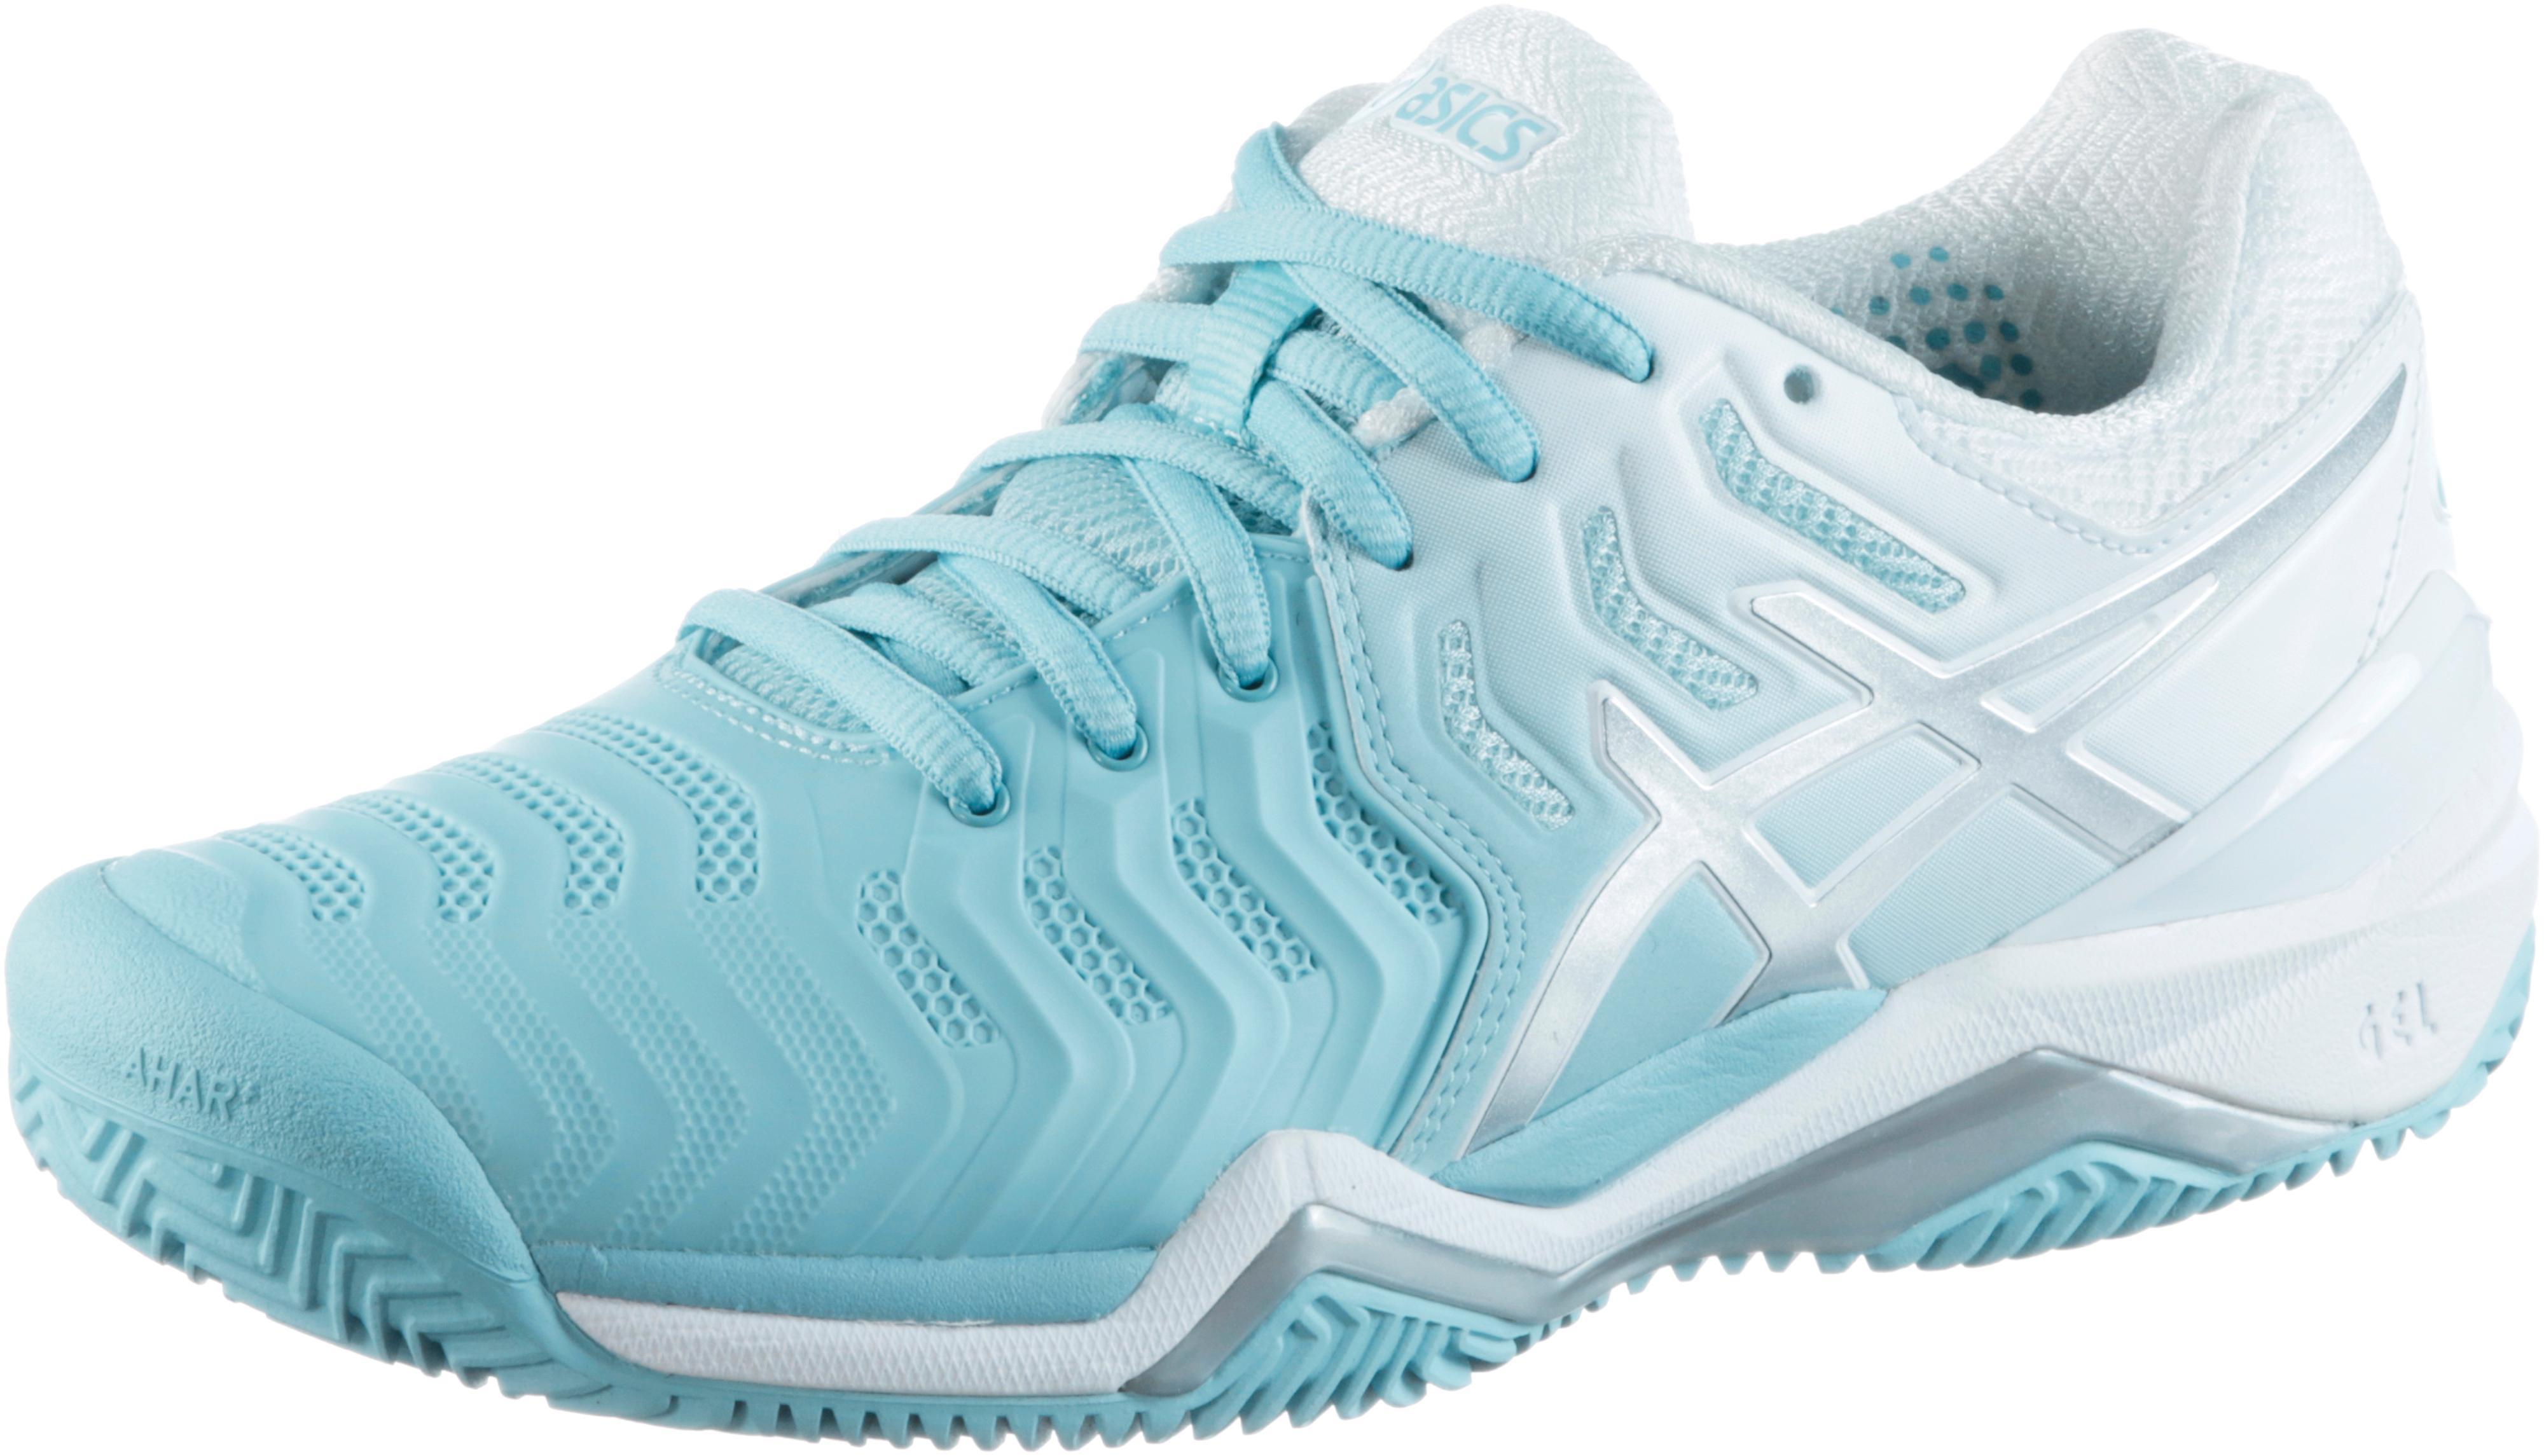 ASICS GEL-RESOLUTION 7 Tennisschuhe Damen porcelain blue- silver im Online Shop von SportScheck kaufen